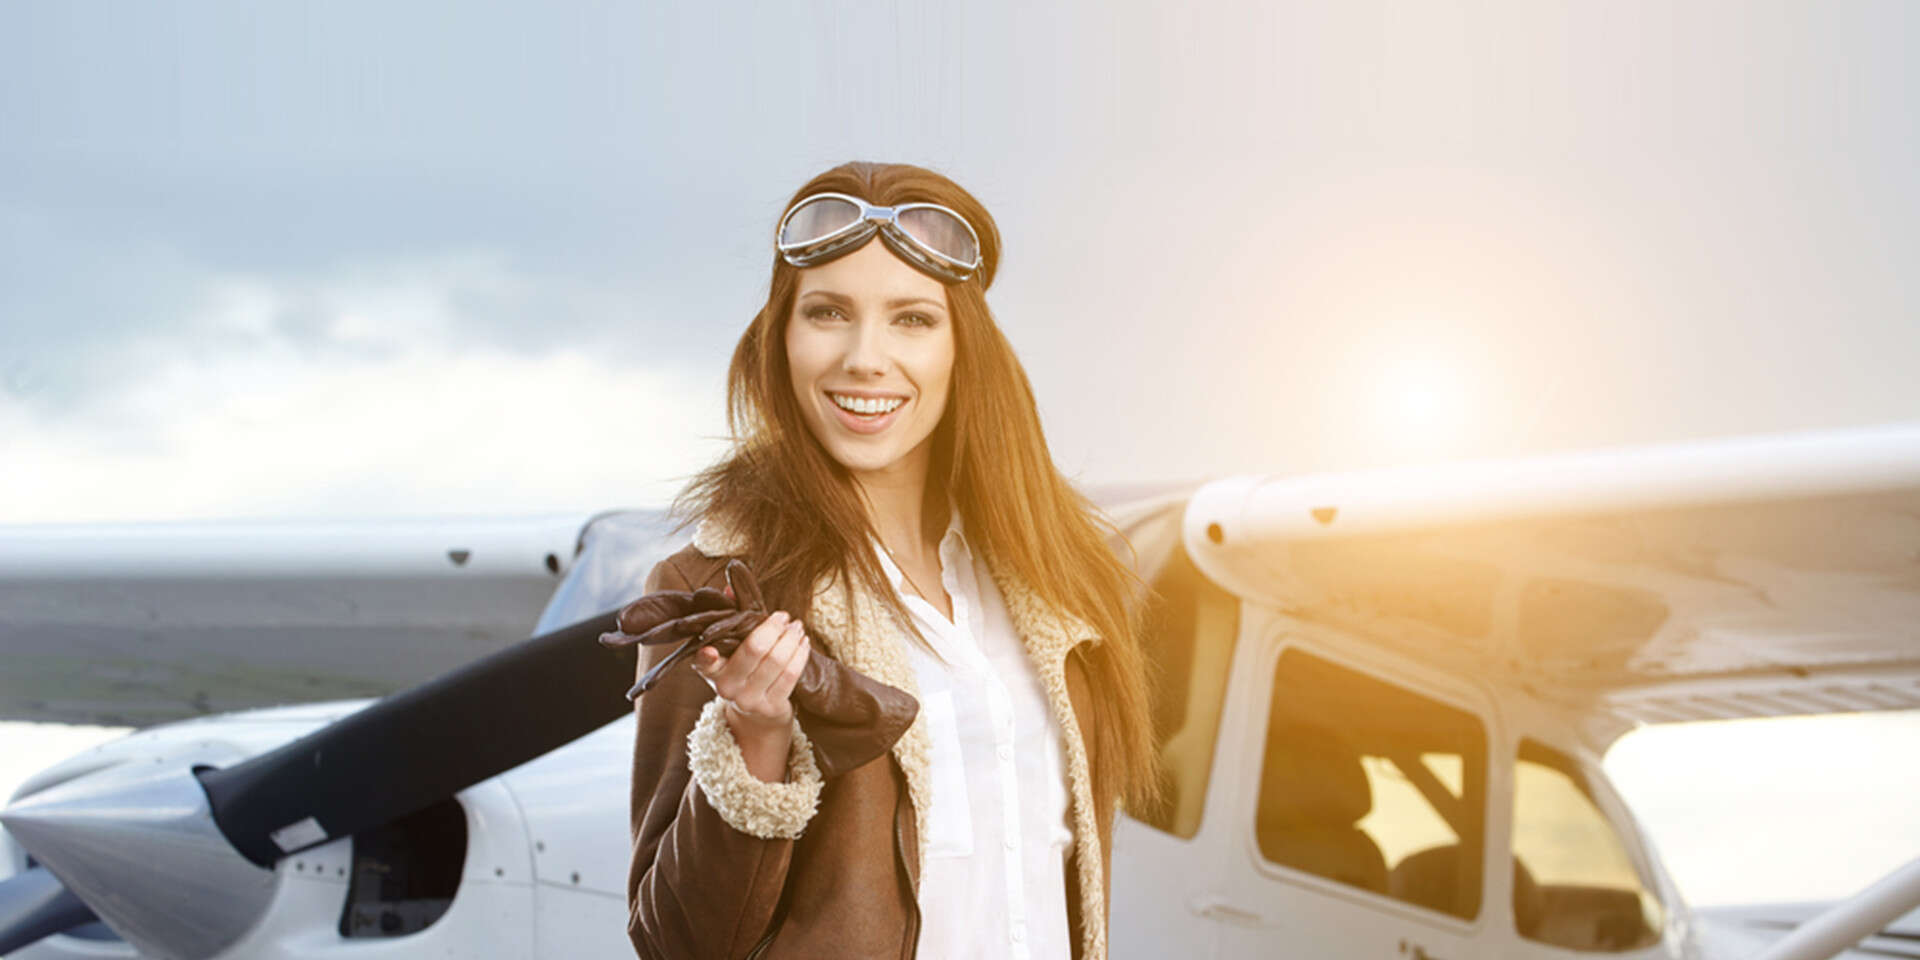 Vyleťte do výšin lietadlom a vyskúšajte si pilotovanie na vlastných krídlach – lety pre 1 až 3 osoby